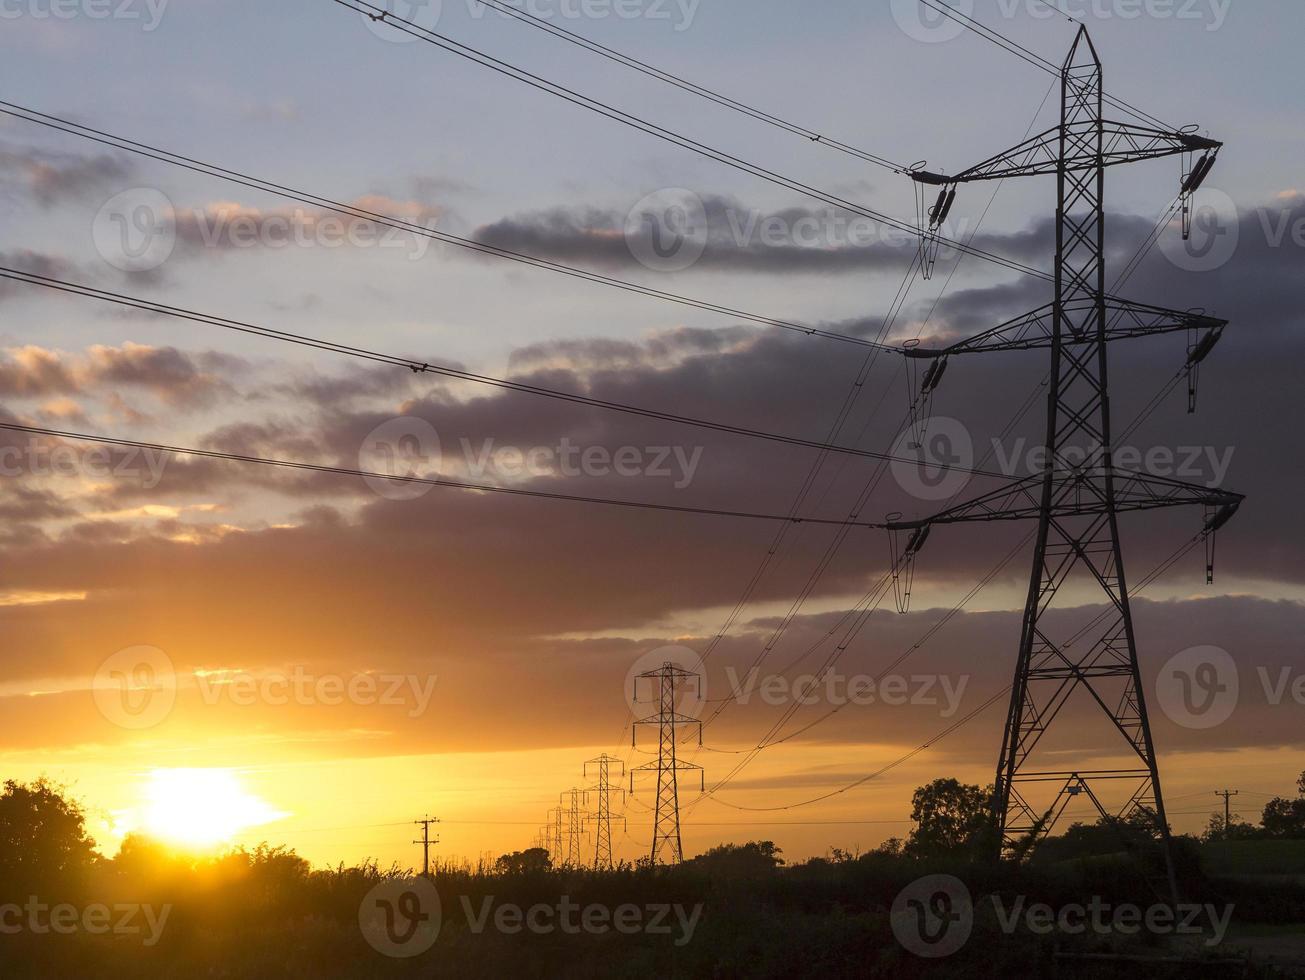 postes de eletricidade no campo ao anoitecer foto